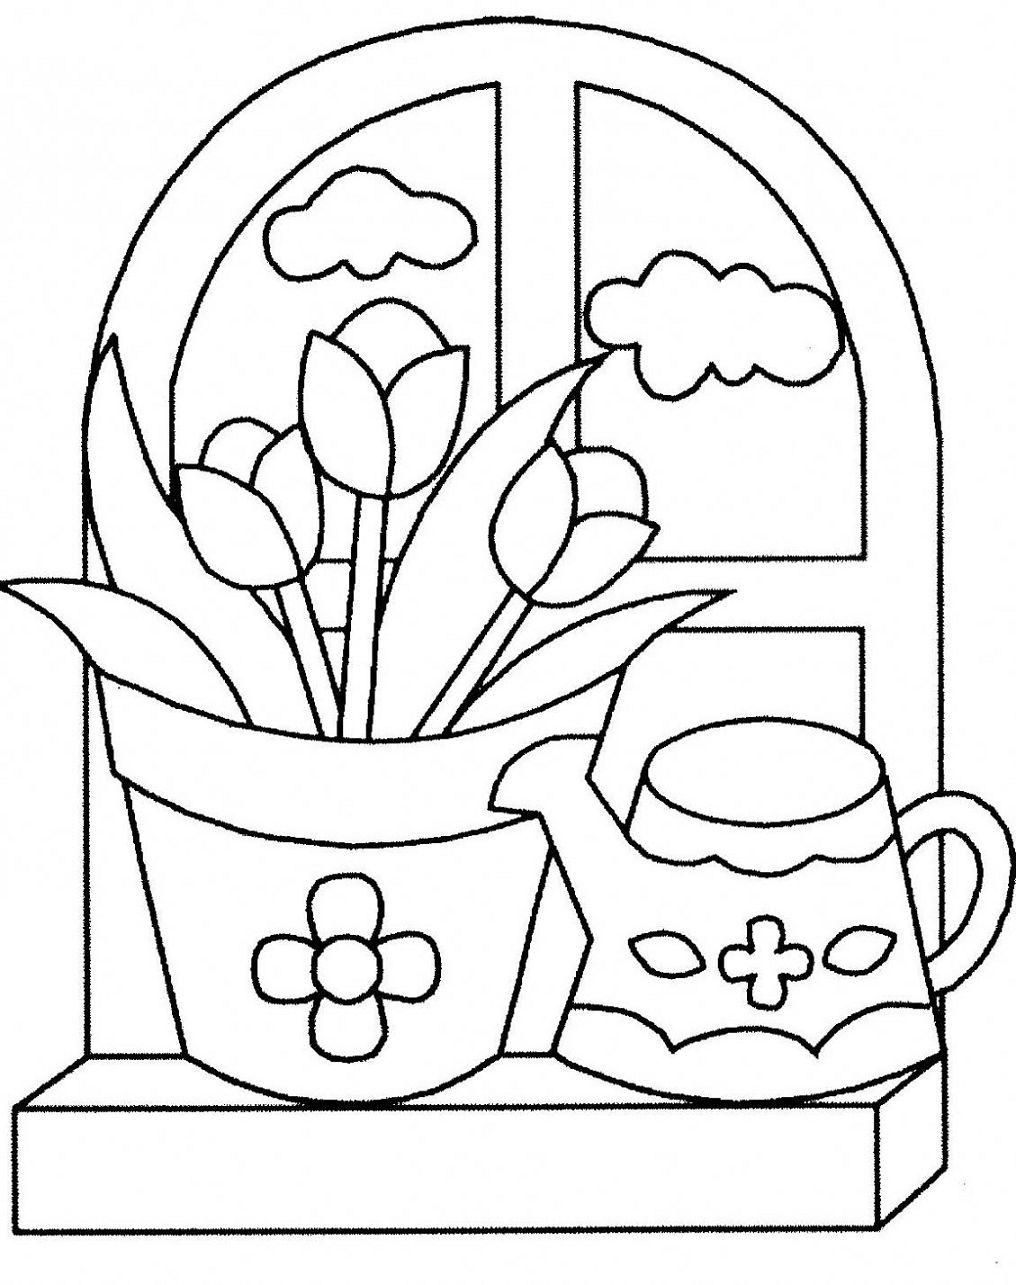 Imagenes de flores para colorear y dibujar